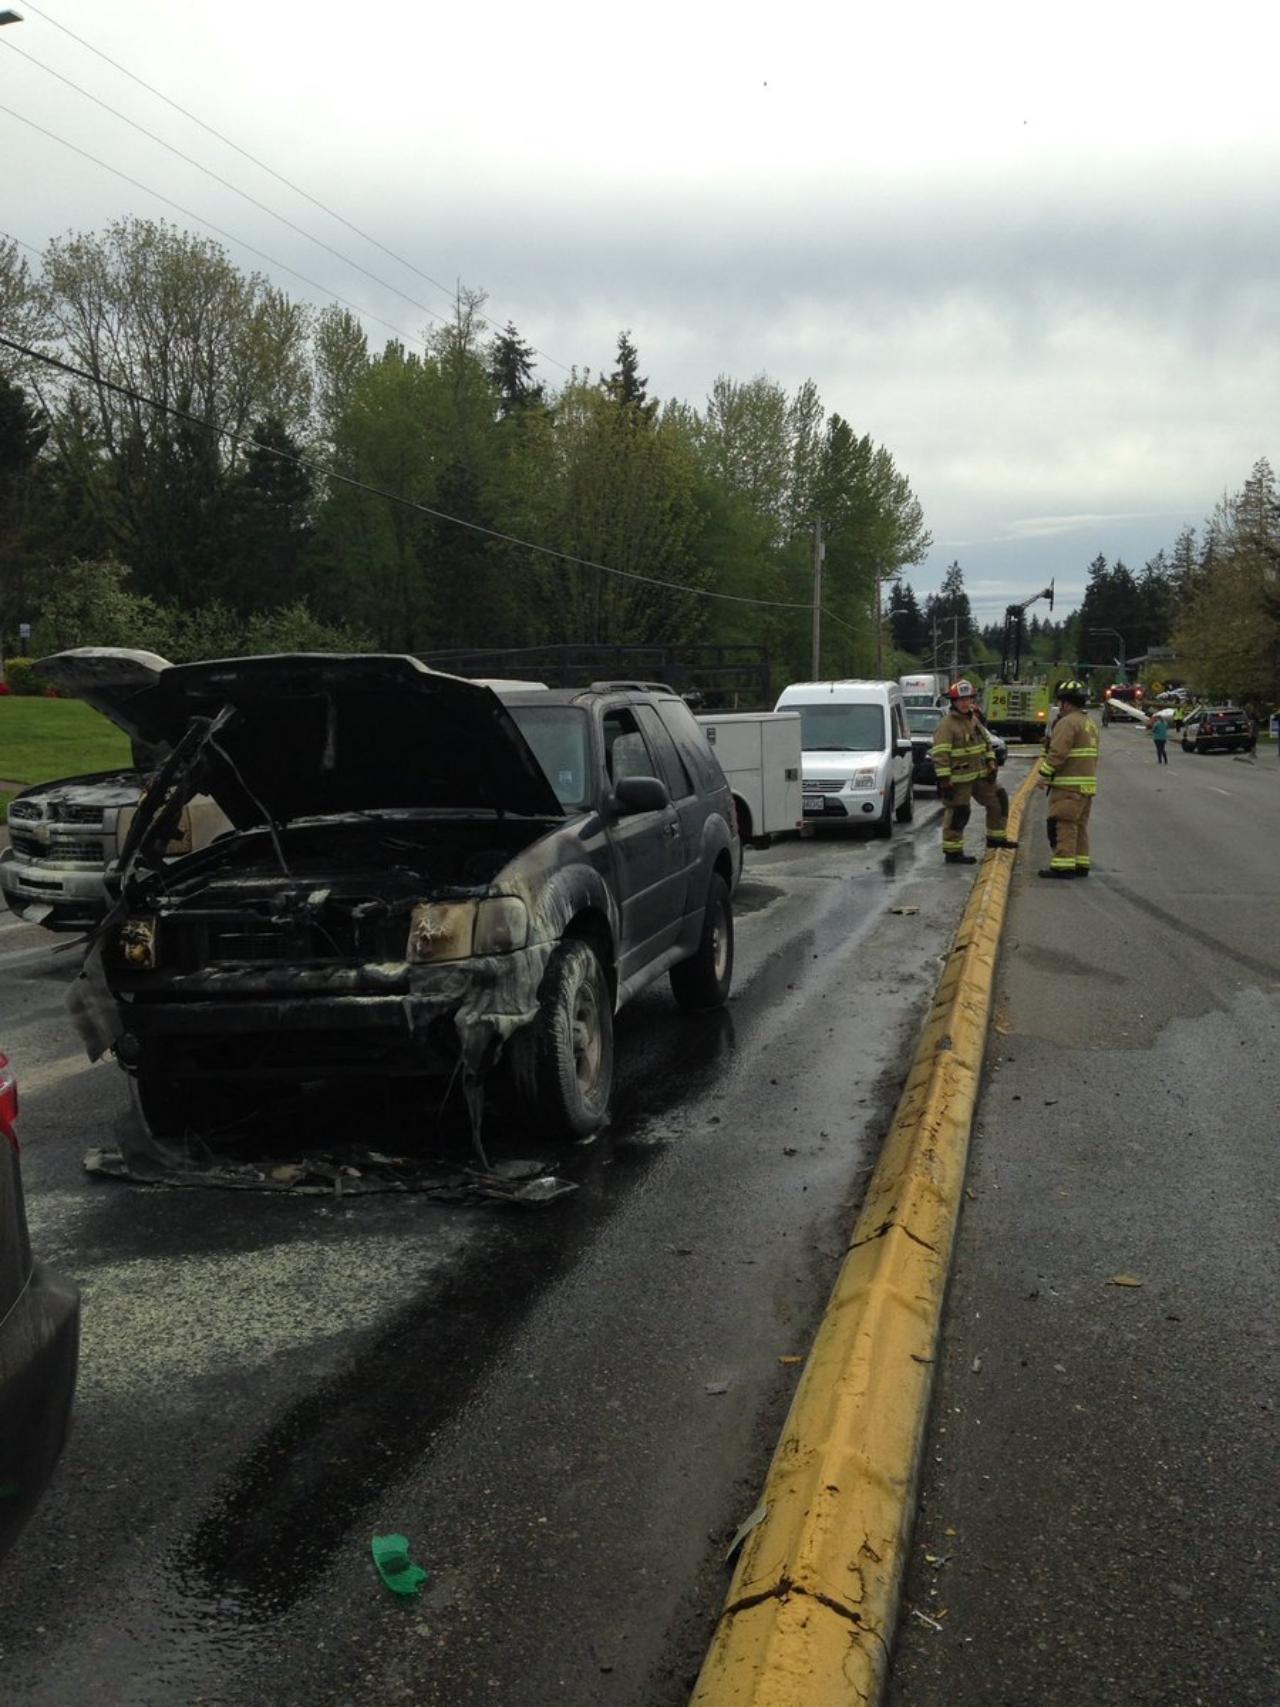 รถยนต์หลายคันถูกไฟไหม้ (ภาพจาก twitter / @MukilteoPolice)